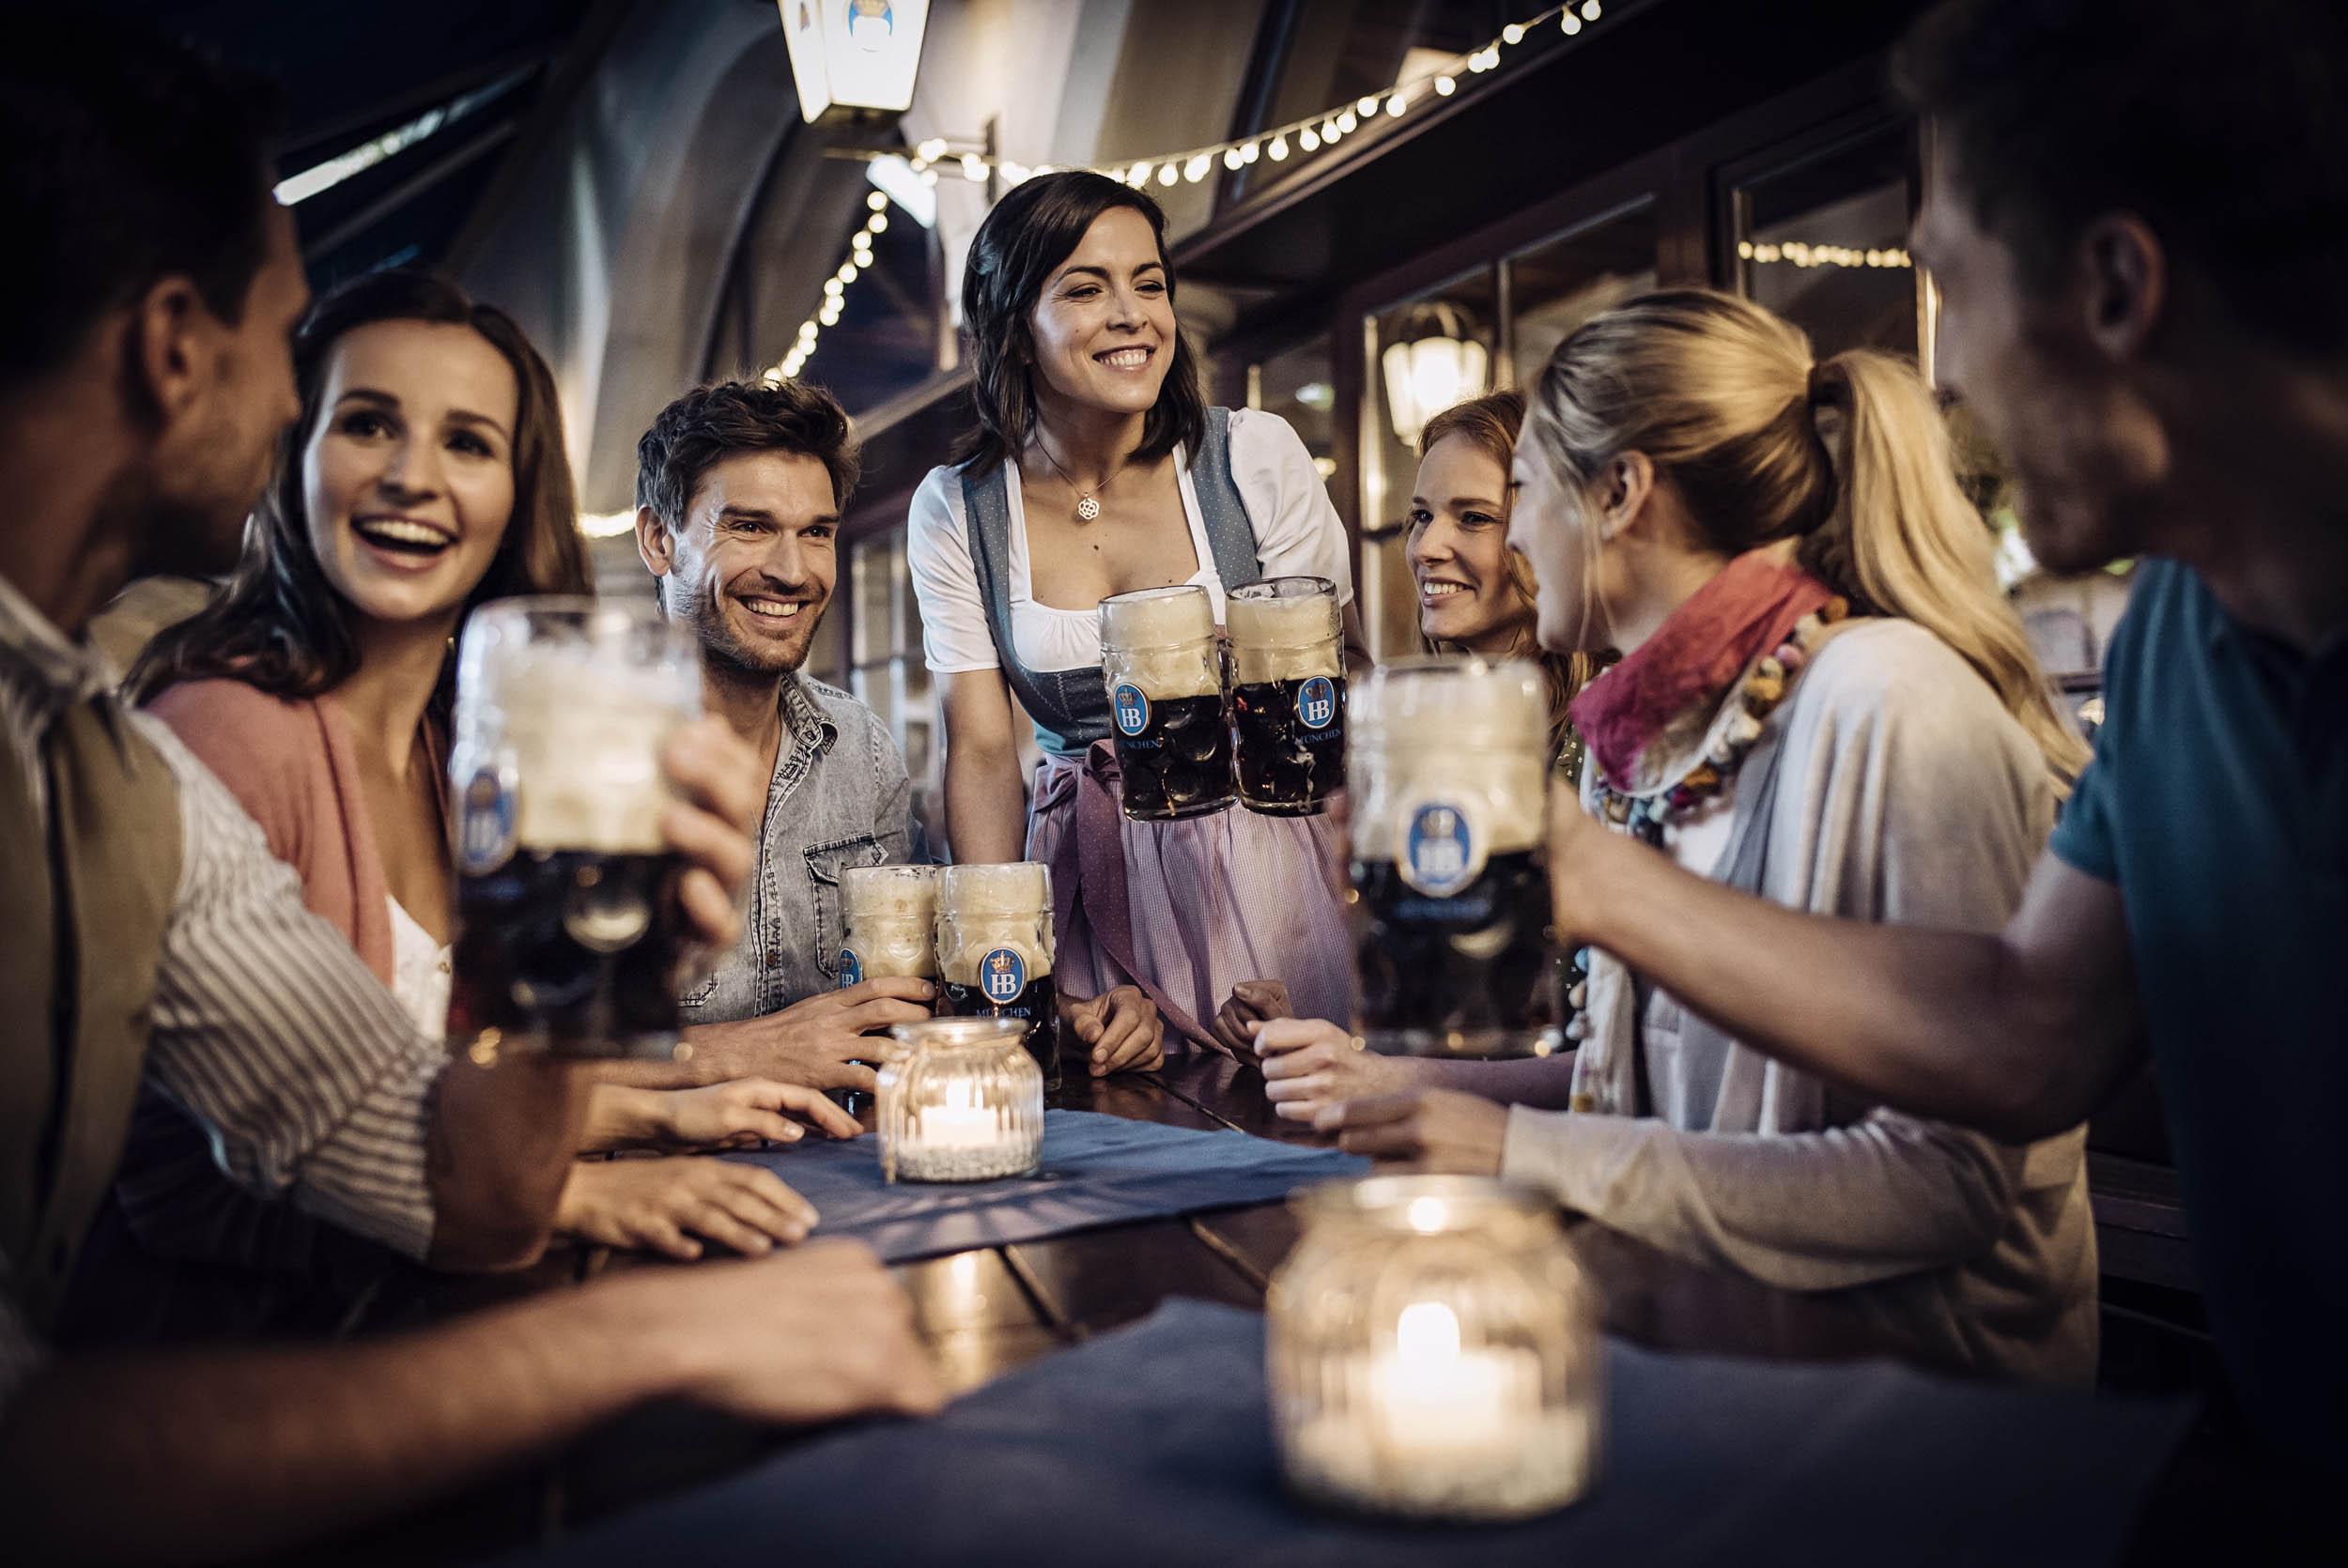 seifertuebler-lifestyle-hofbraeu-muenchen-oktoberfest-beer-08.jpg